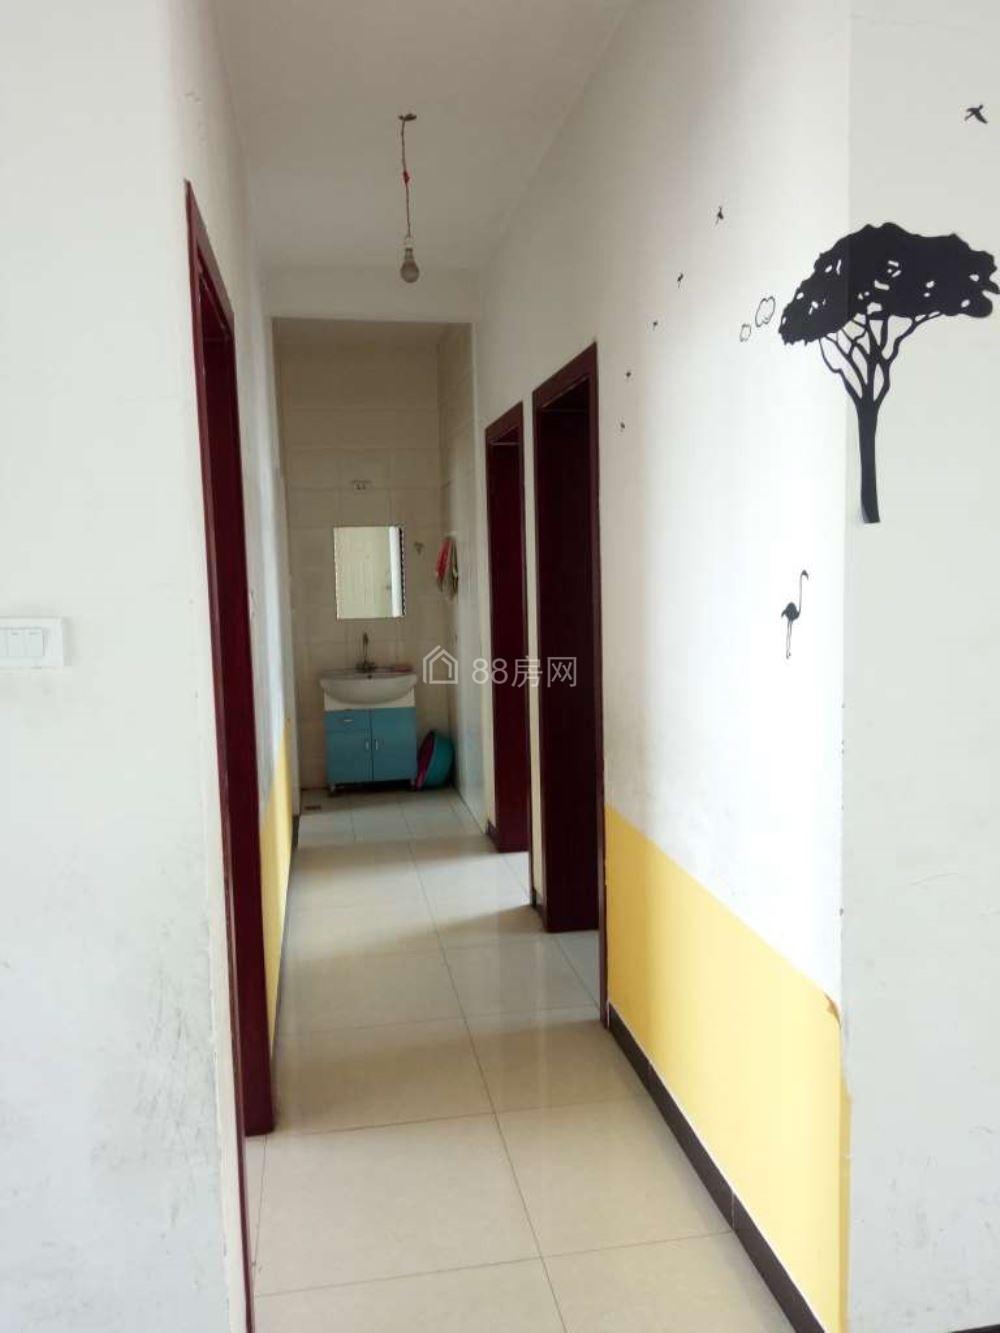 水寨小学旁圣庭花屿93平米3室2厅1卫带基本家具出租